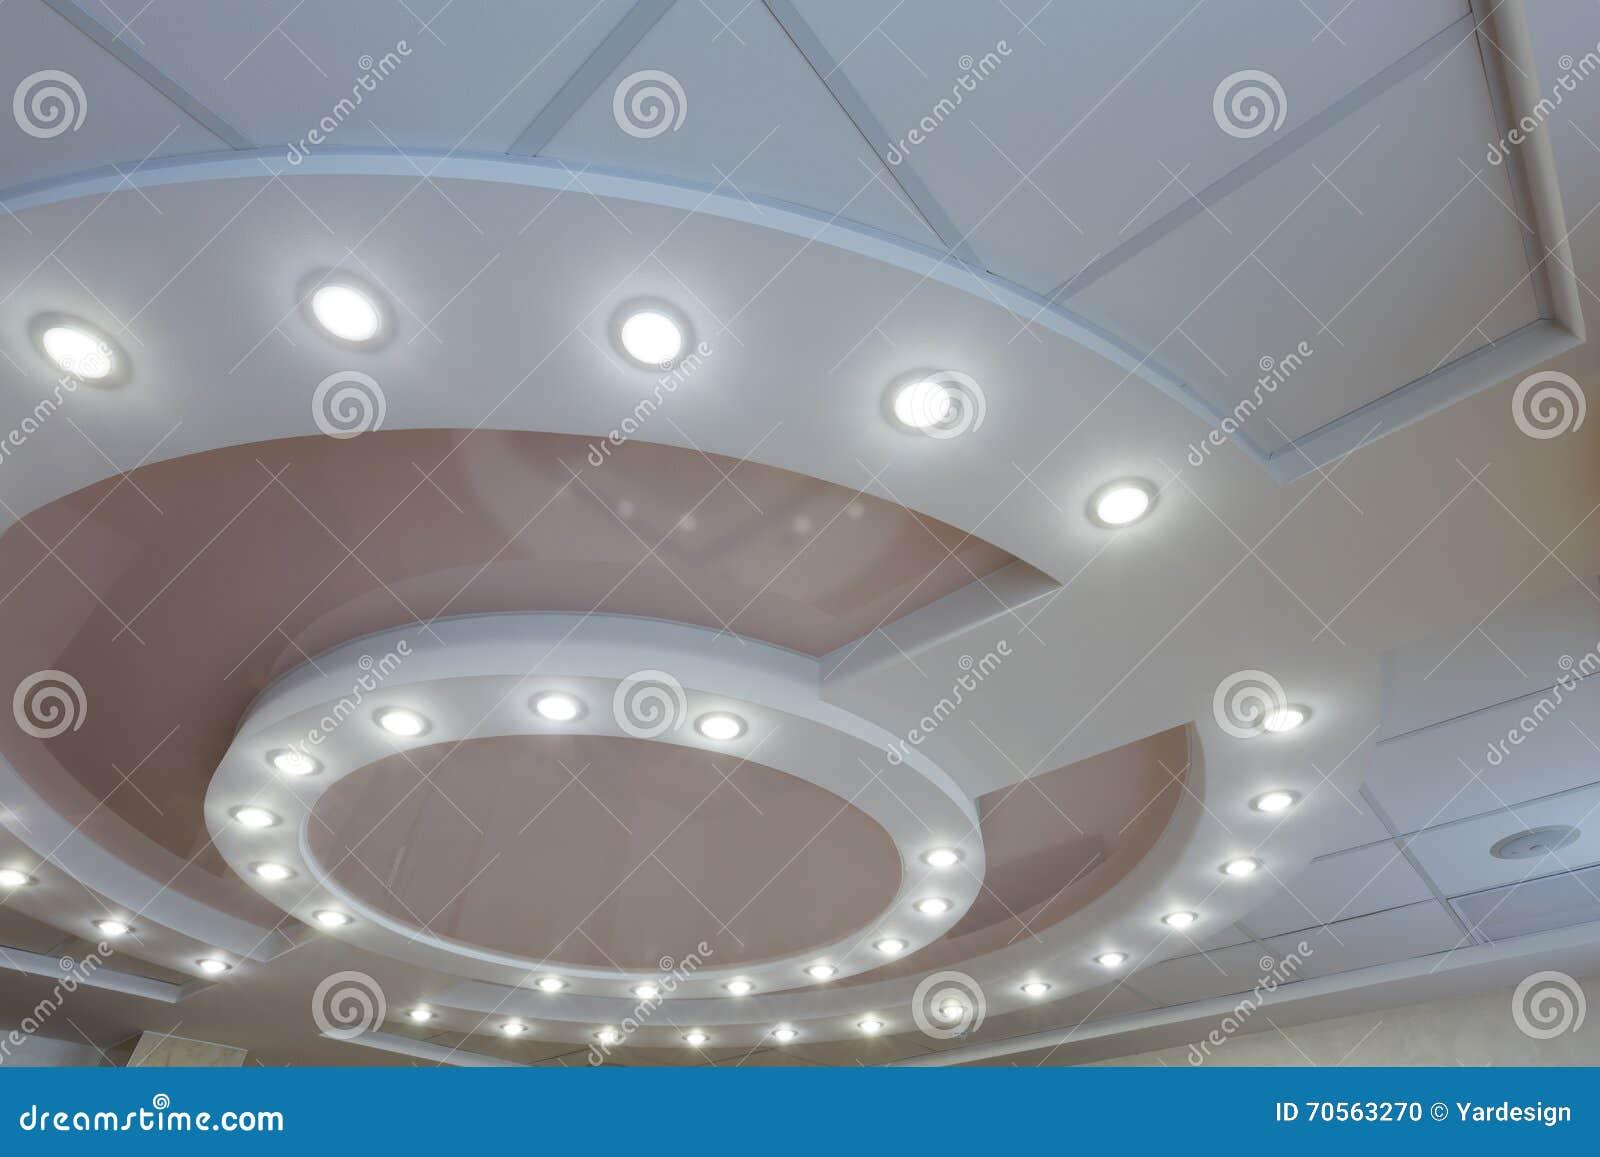 Płatowaty sufit z wbitymi światłami i nadużytą sufit intarsją